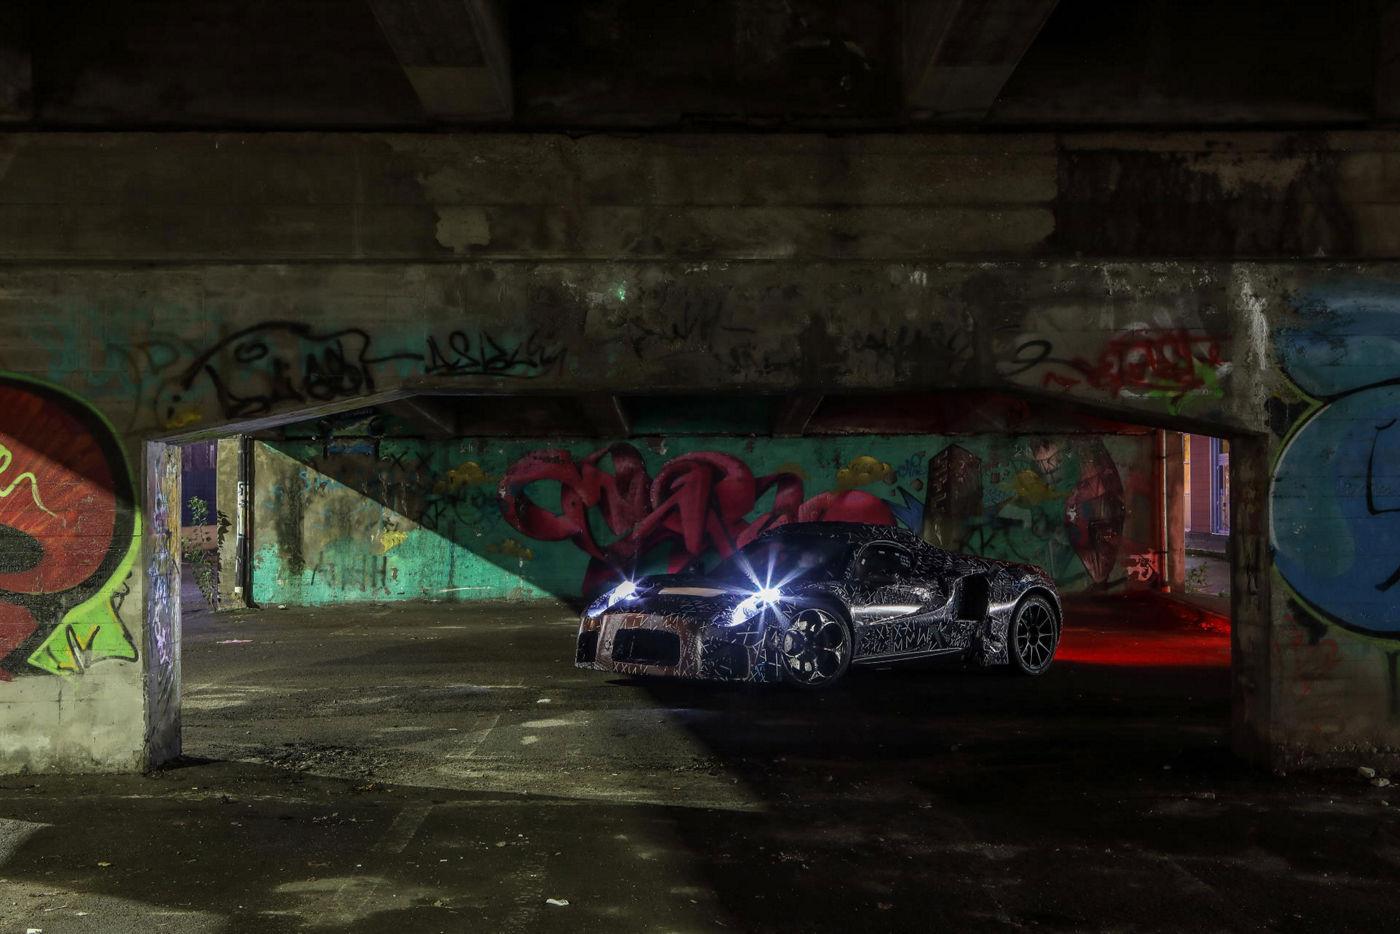 nuovo prototipo auto Maserati vista frontale con sfondo graffiti e fari accesi